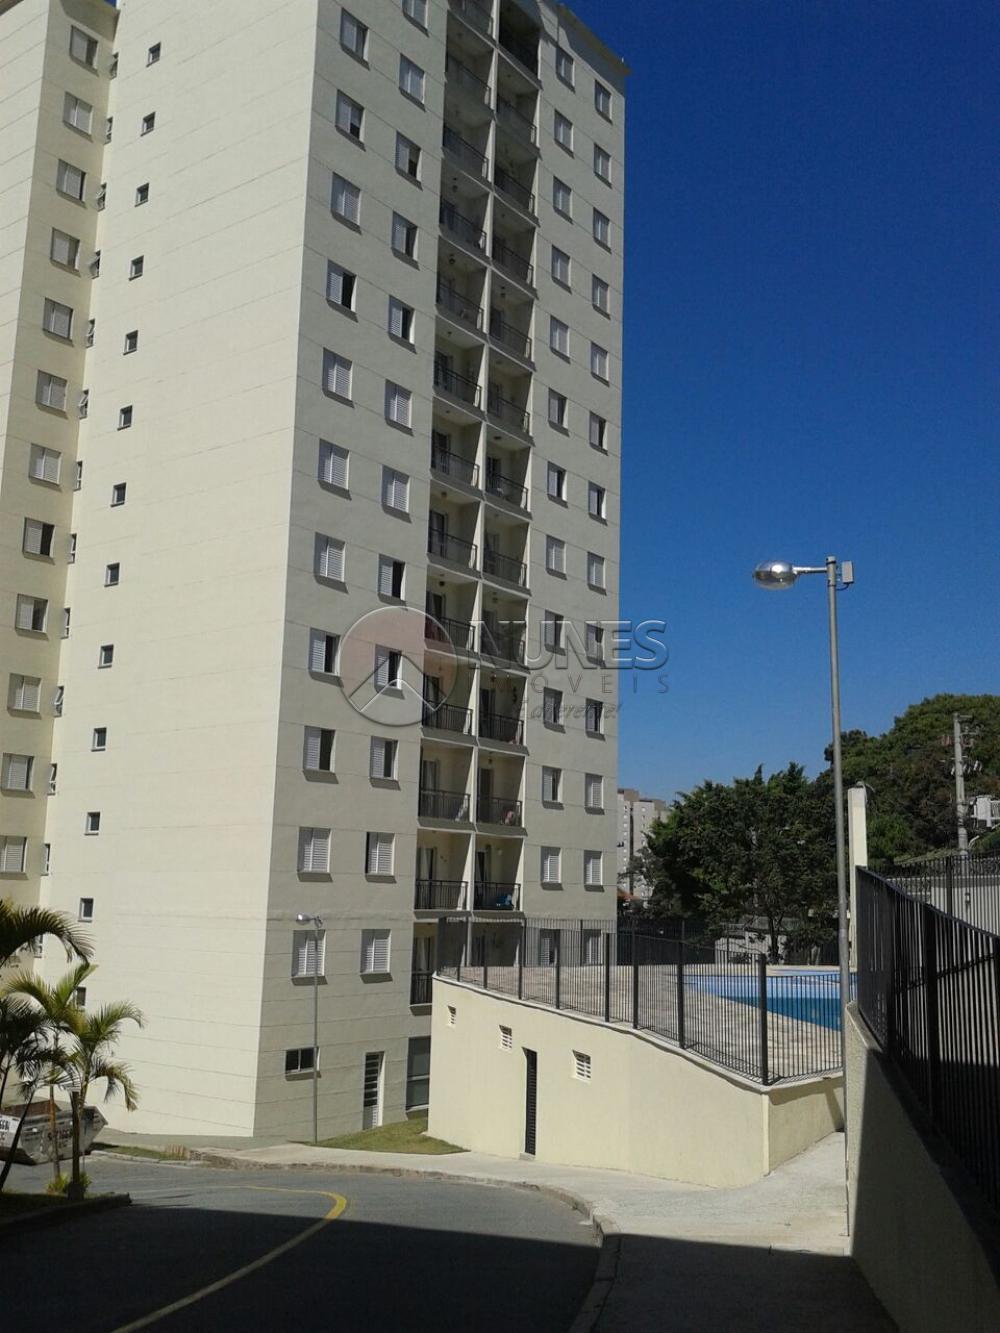 Comprar Apartamento / Padrão em São Paulo apenas R$ 350.000,00 - Foto 1